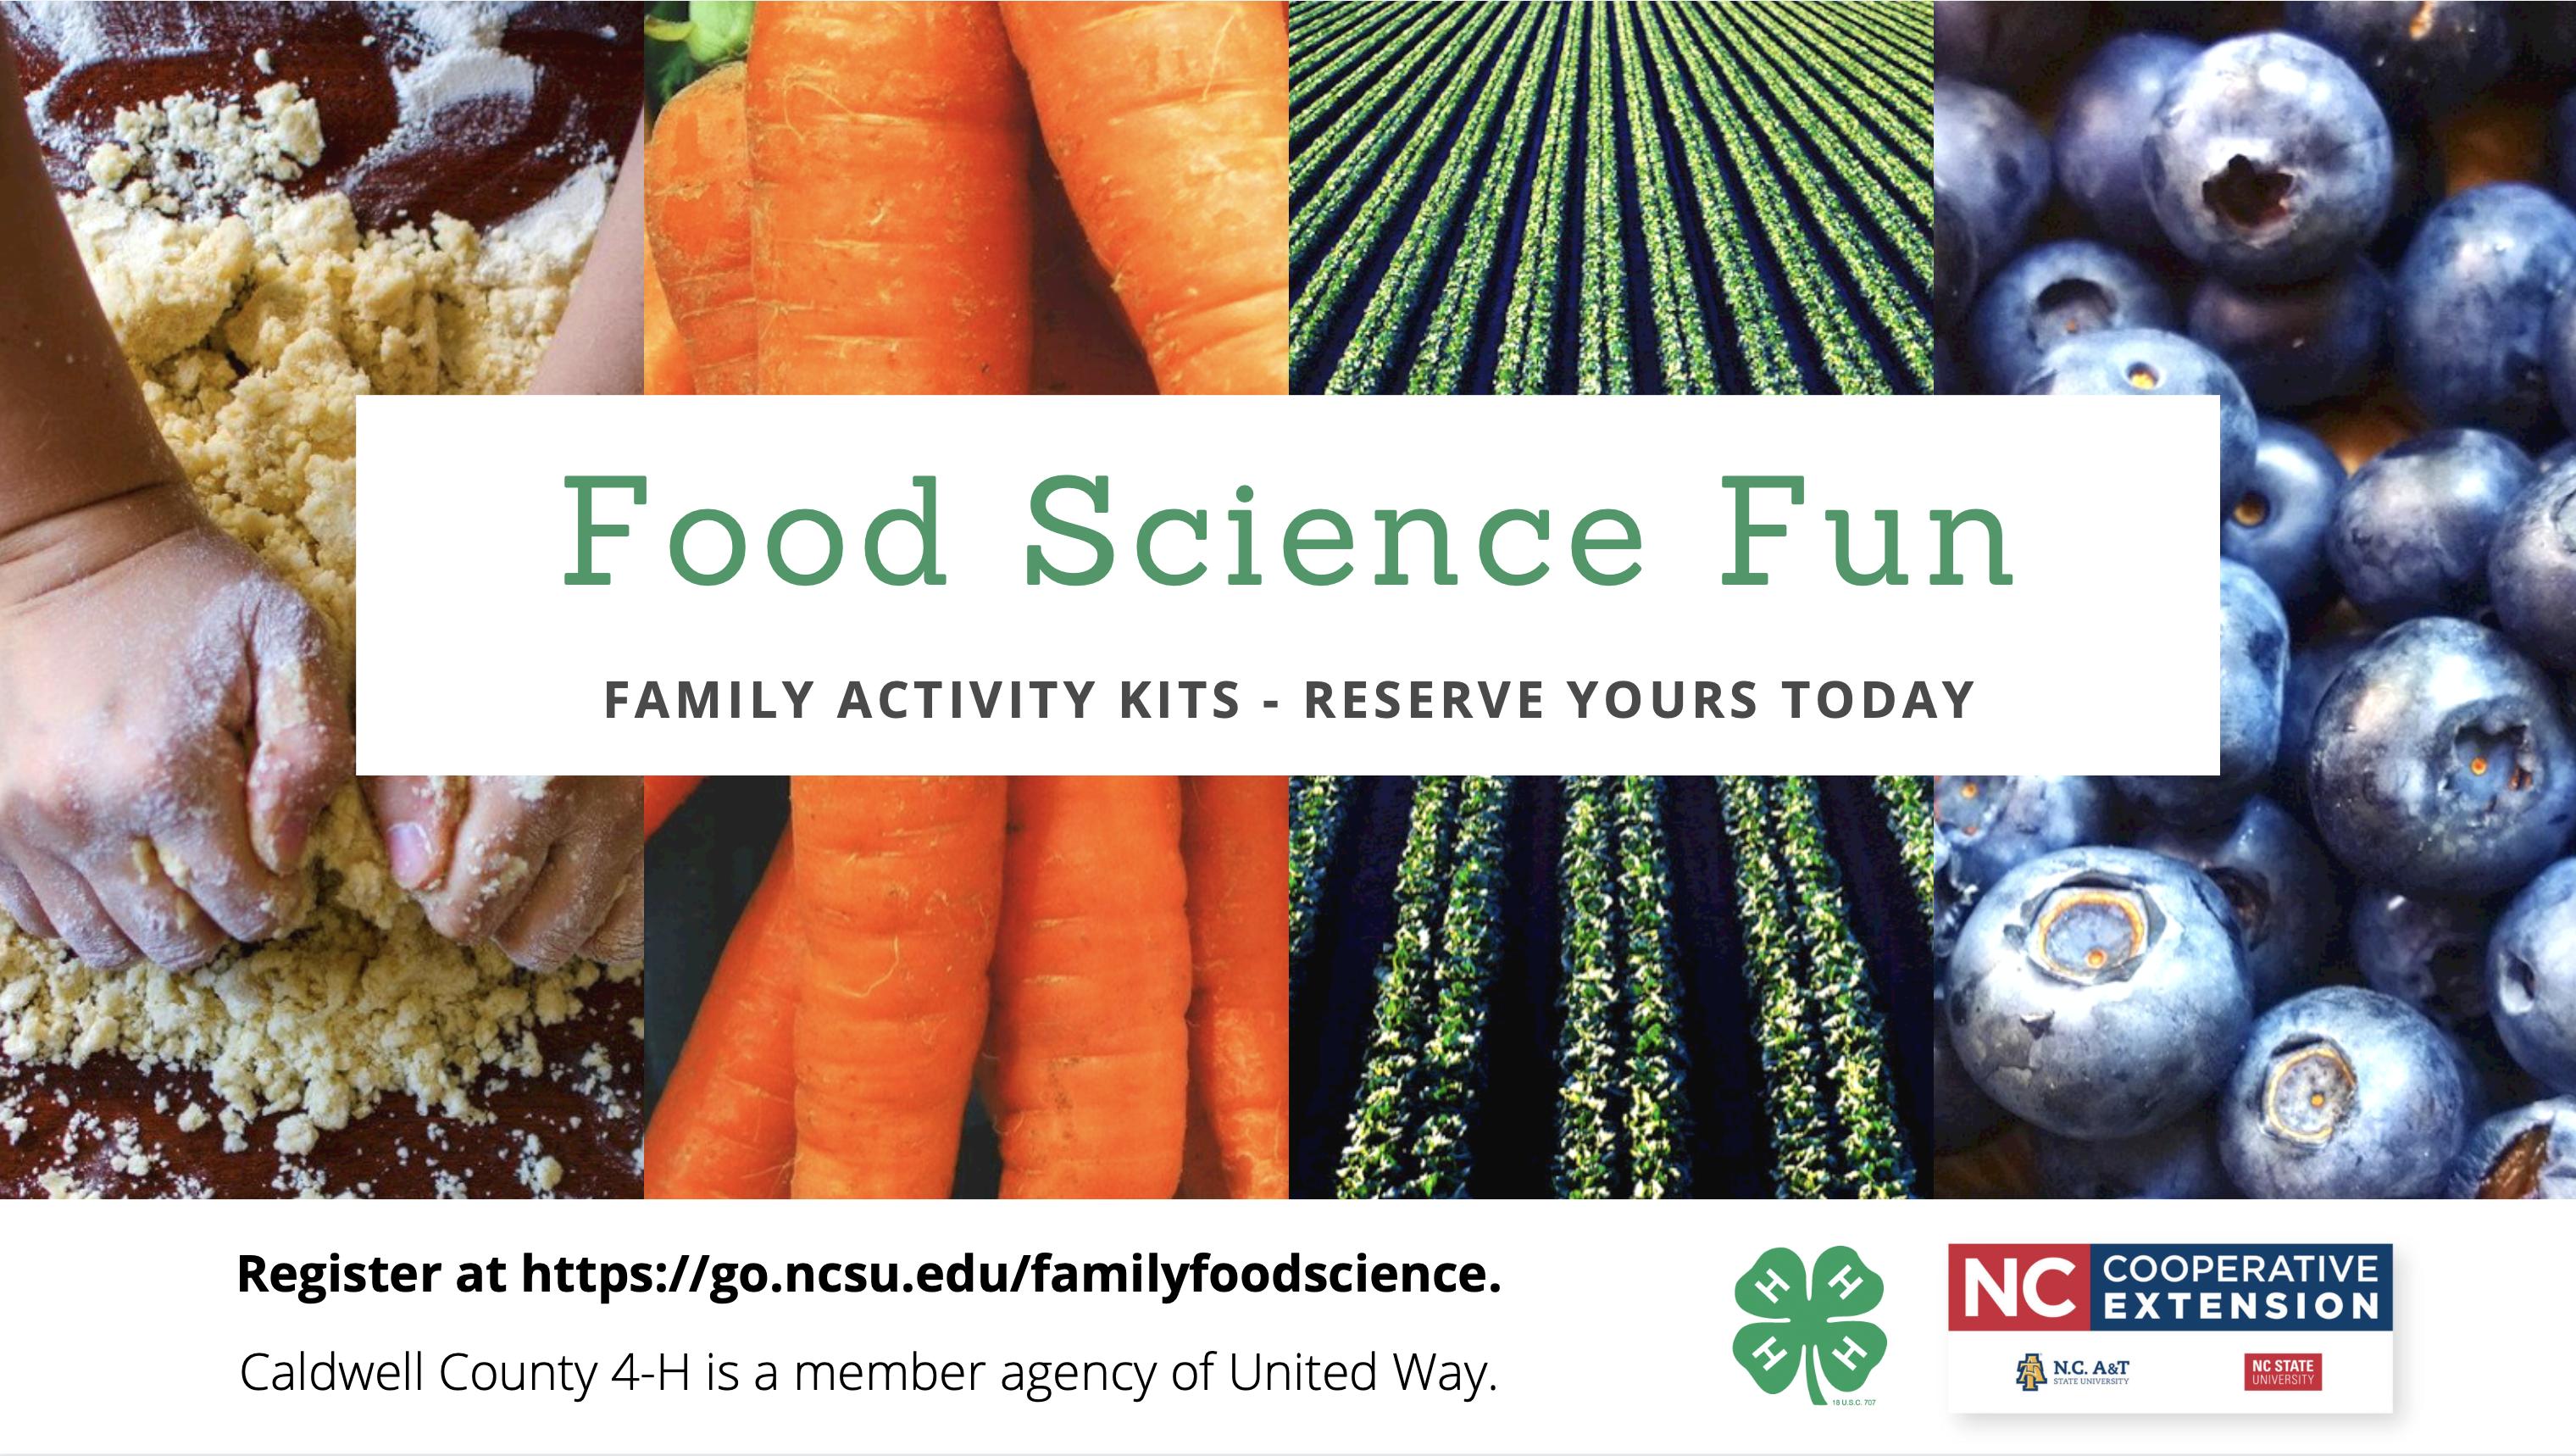 Food Science Fun!